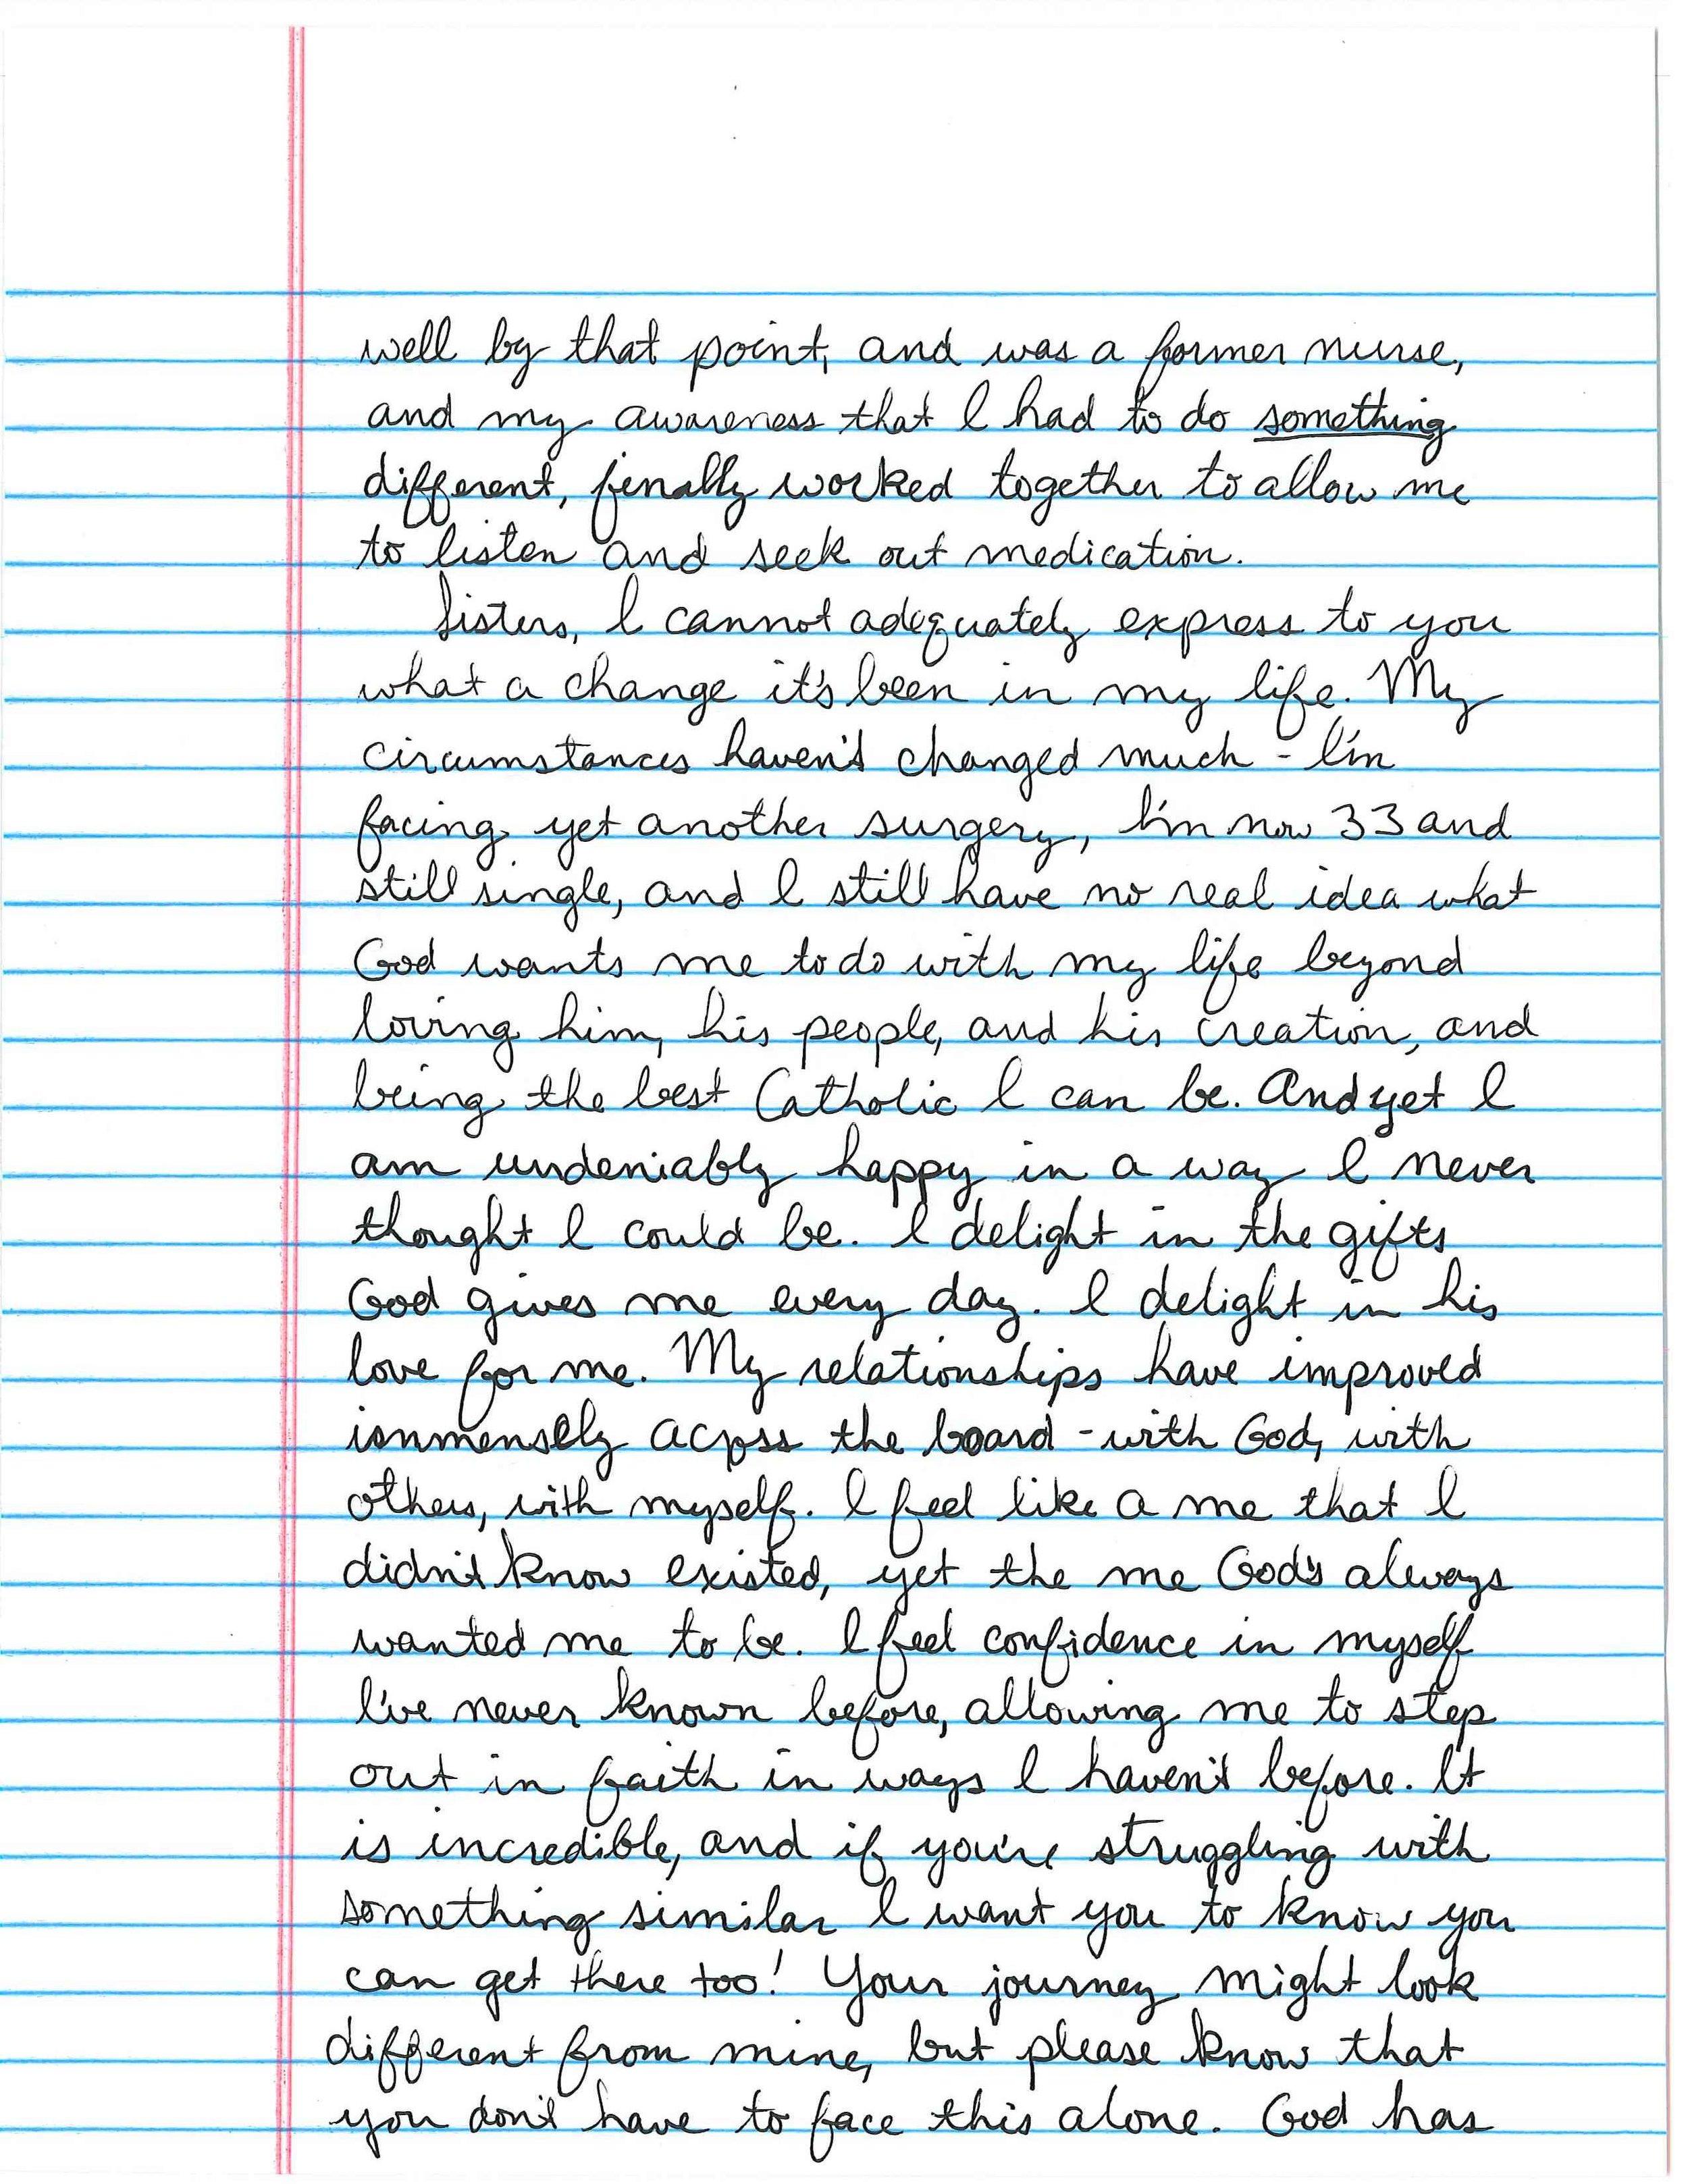 Susie Oppelt Letter pg 4.jpg